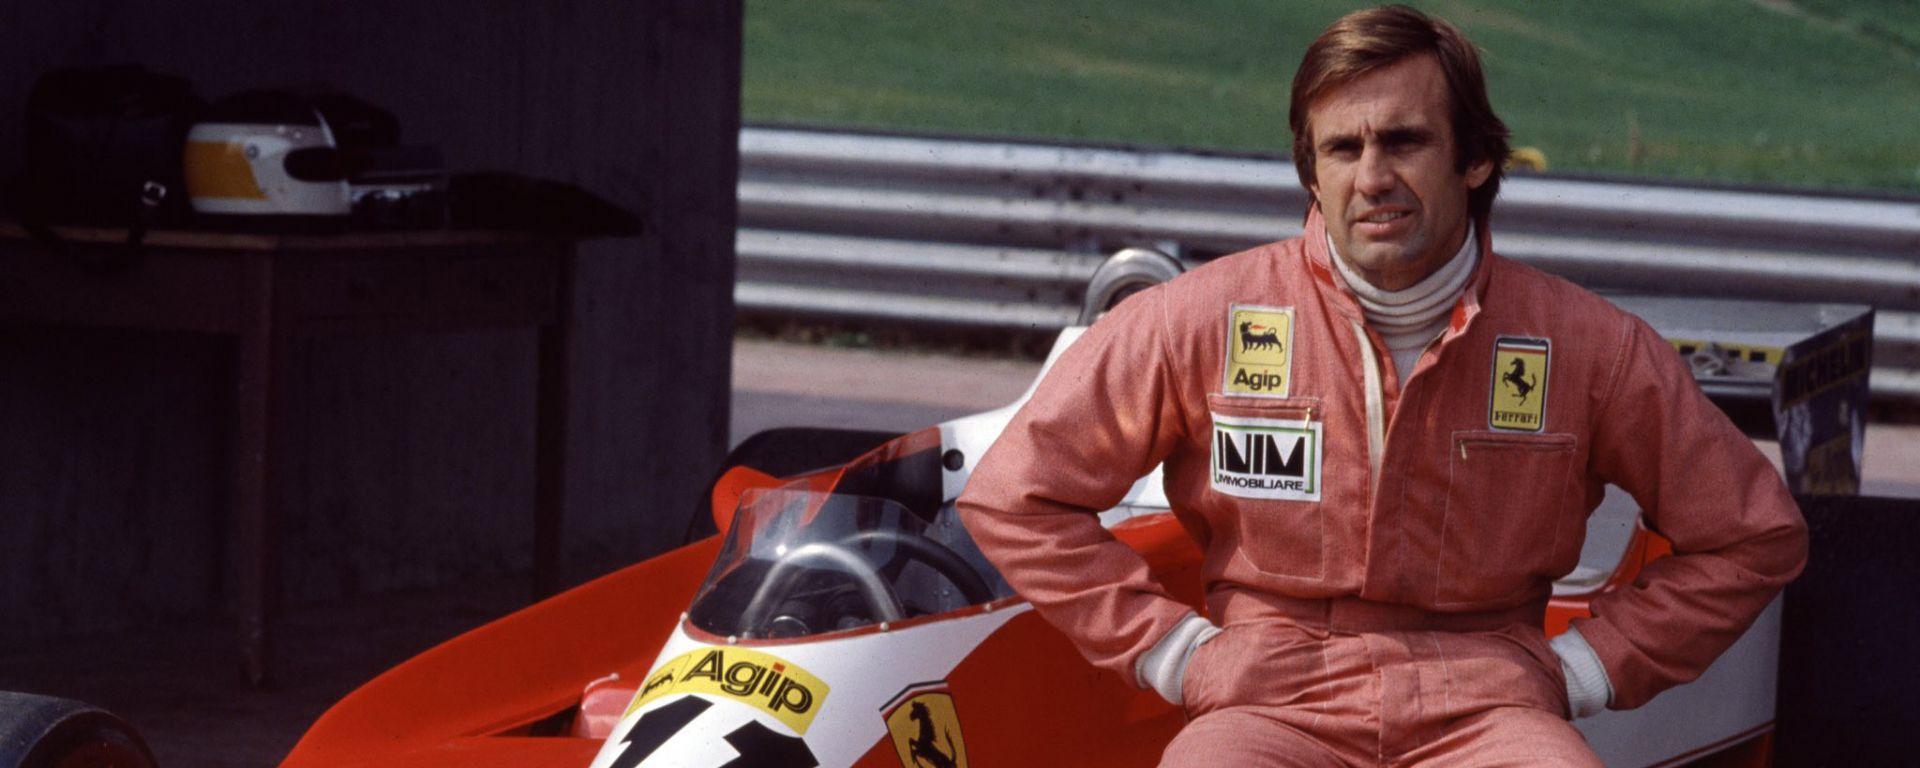 Carlos Reutemann (Ferrari)